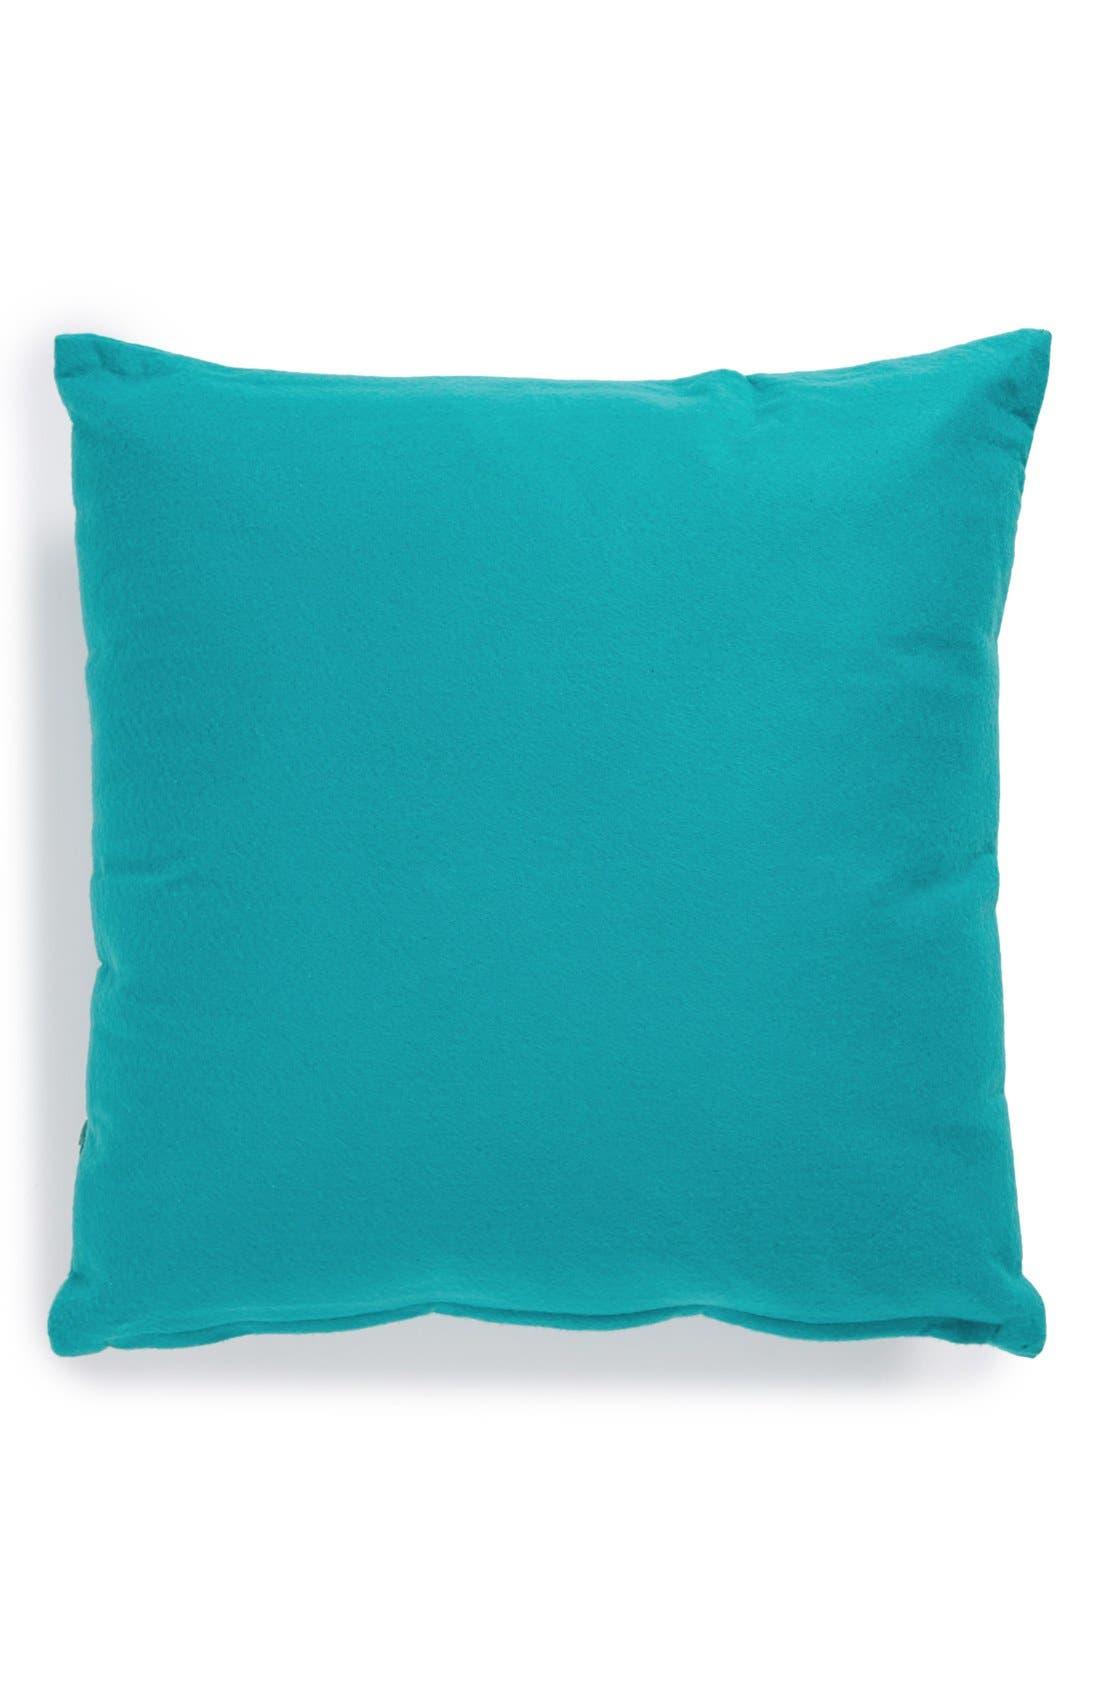 Alternate Image 2  - Mina Victory Floral Appliqué Pillow